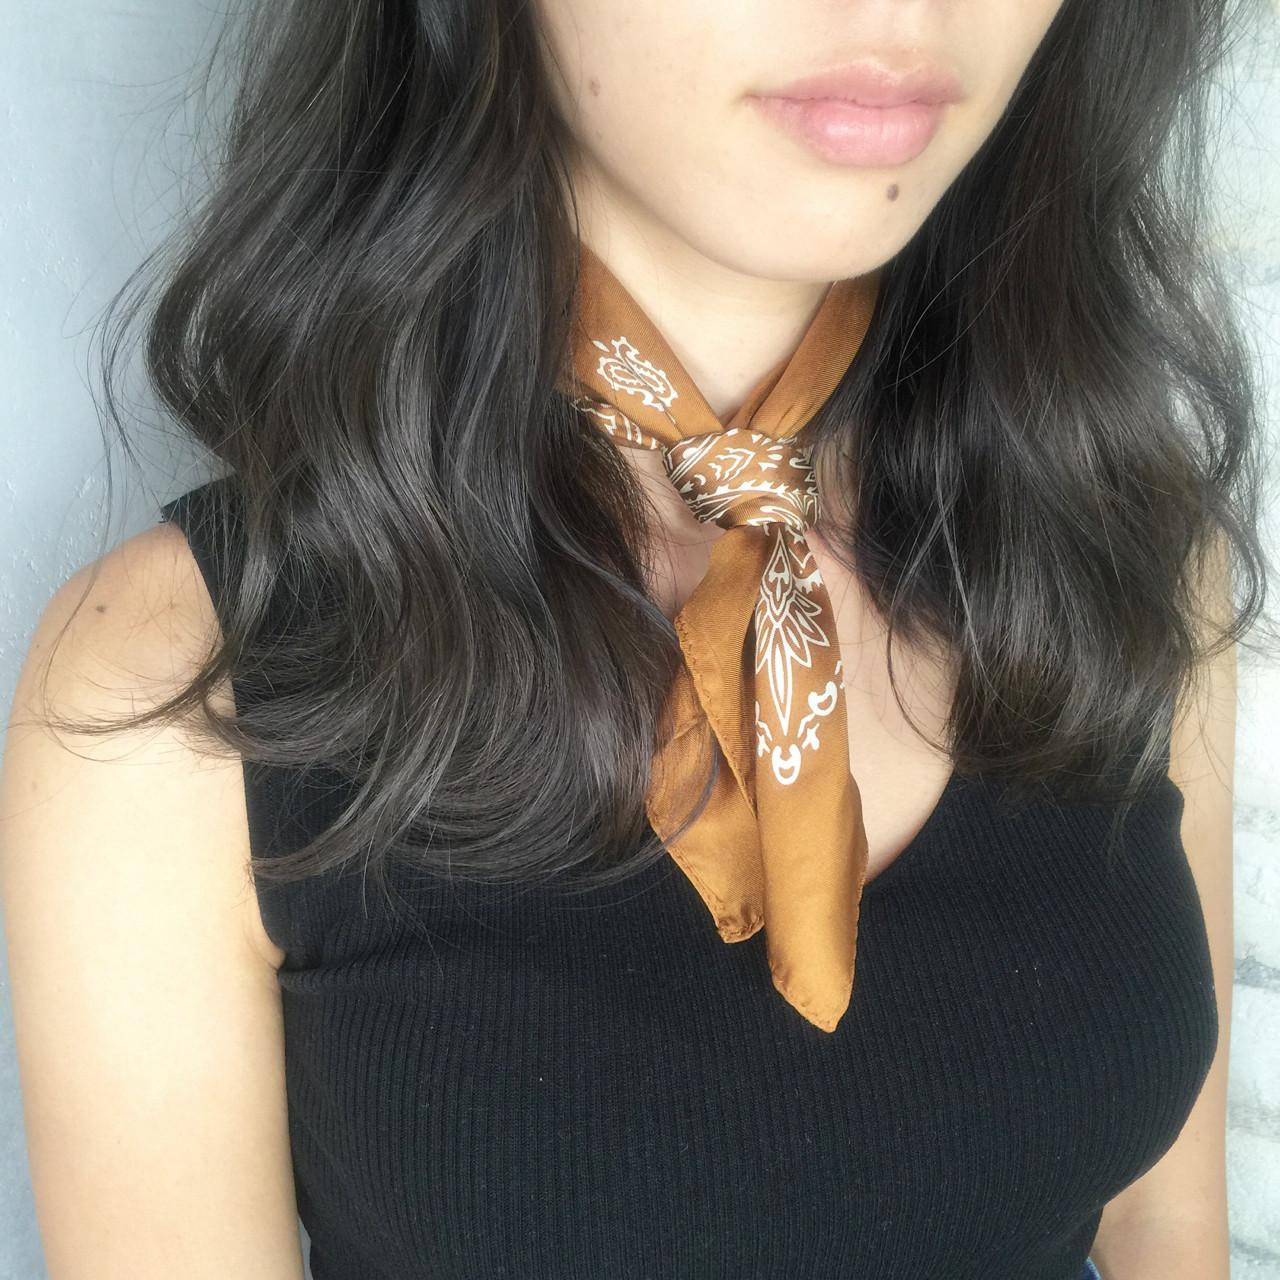 ミディアム ストリート 外国人風 暗髪 ヘアスタイルや髪型の写真・画像